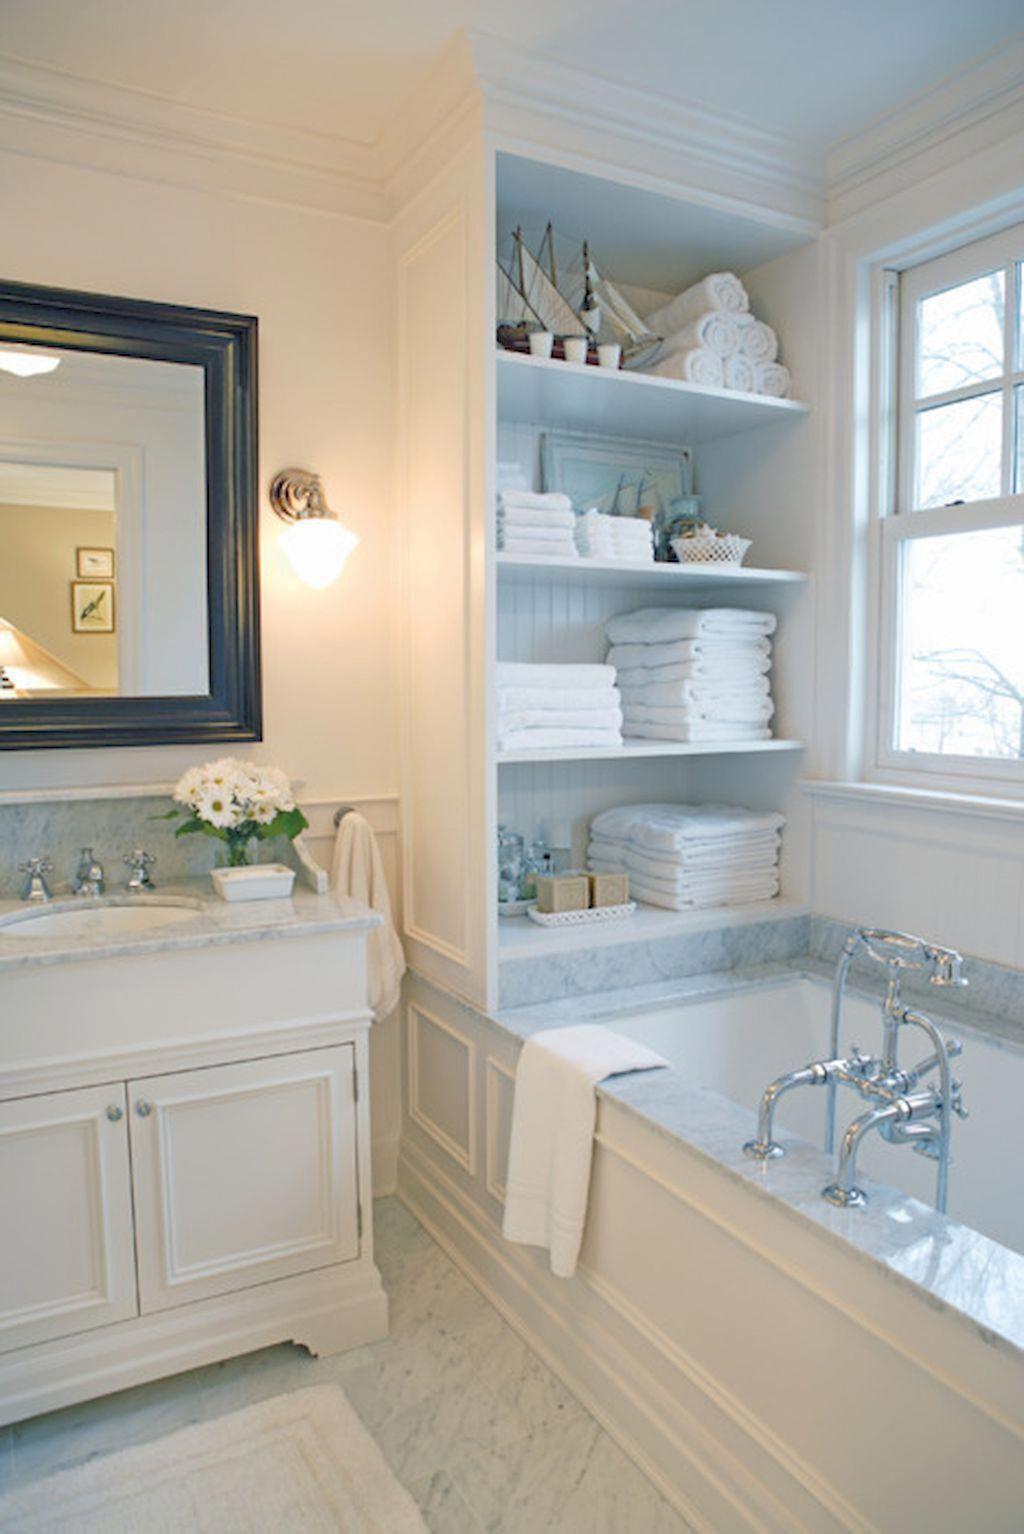 40 easy master bathroom organization ideas bathroom